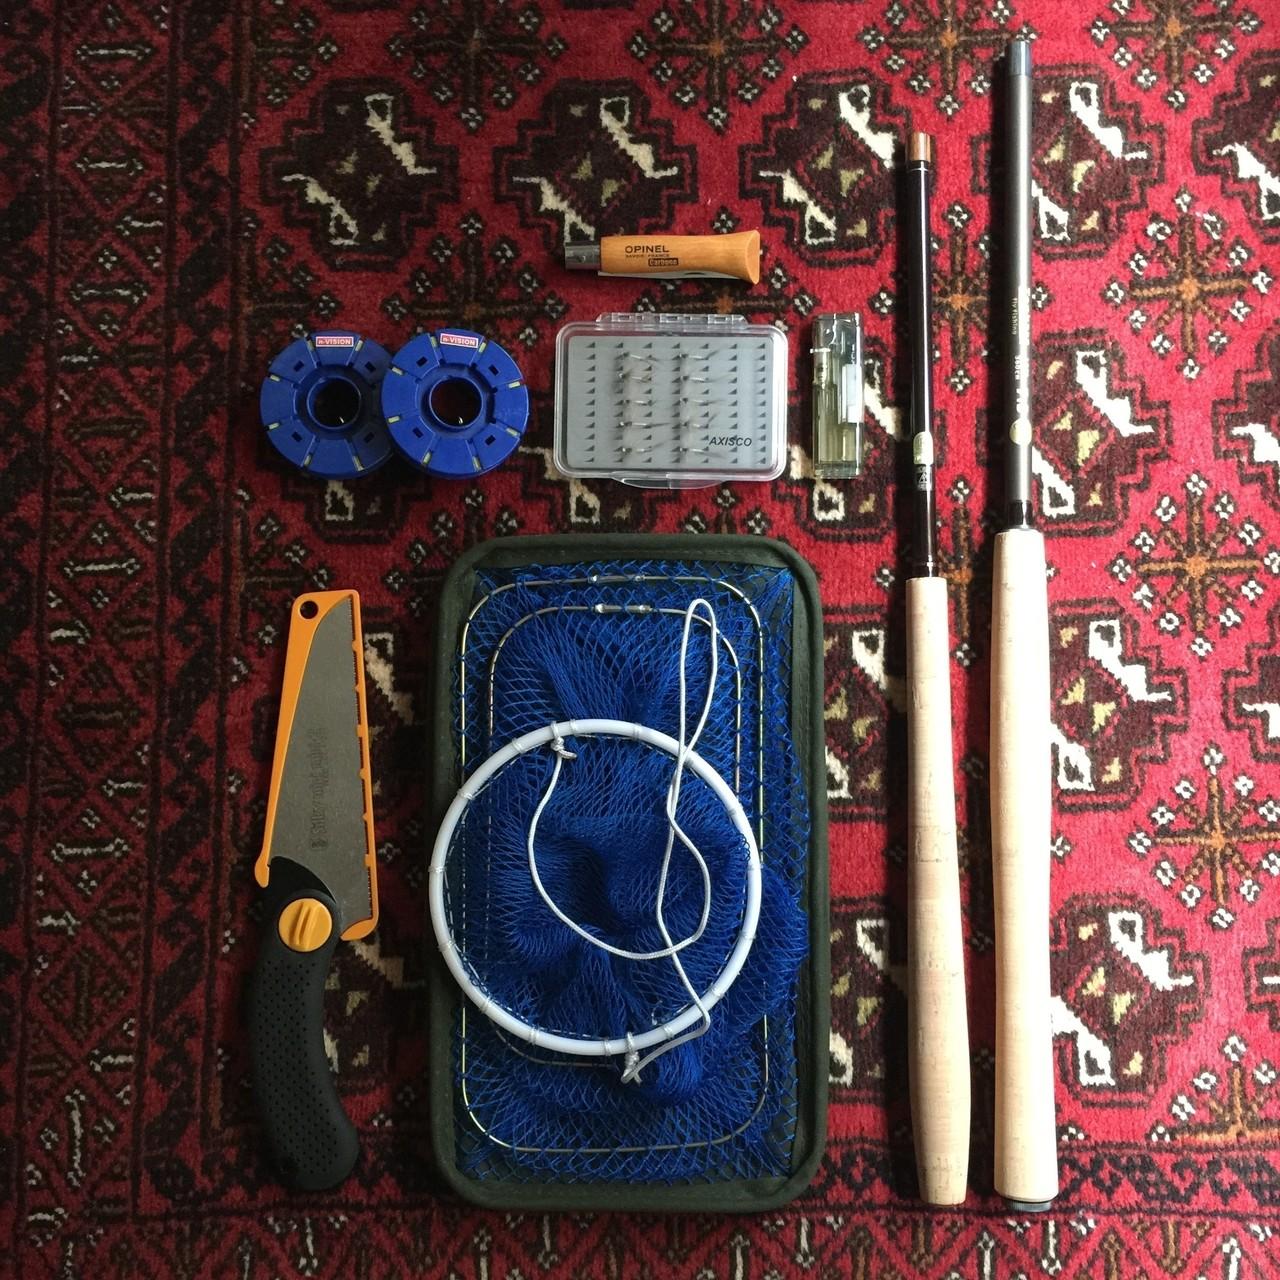 「テンカラ」セット:時計回りにナイフ・テンカラ(竿)・魚籠・鋸・ライン・毛針